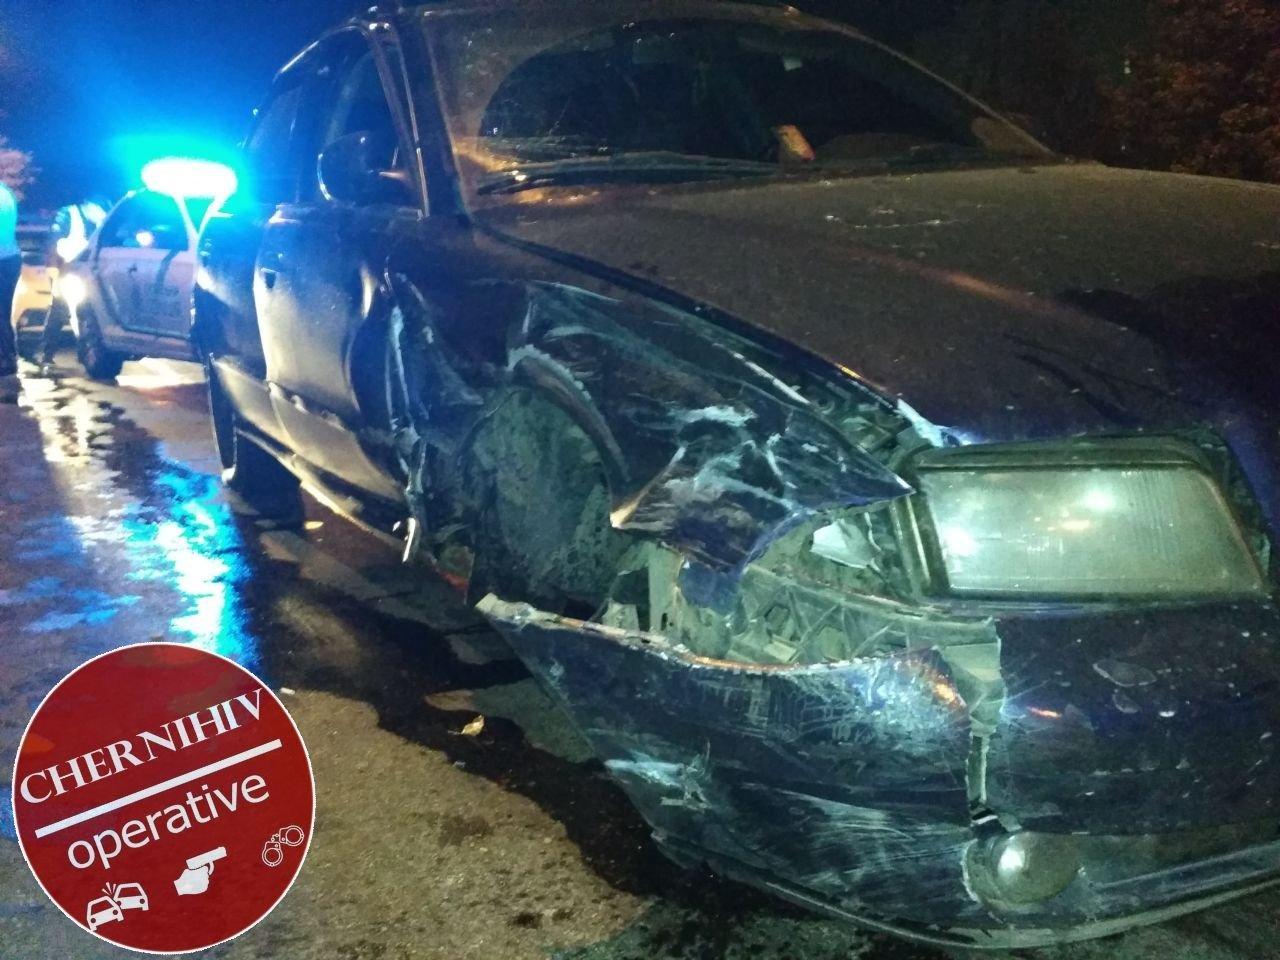 Сбегая от полиции потерял колесо: в Чернигове очередное ДТП, фото-6